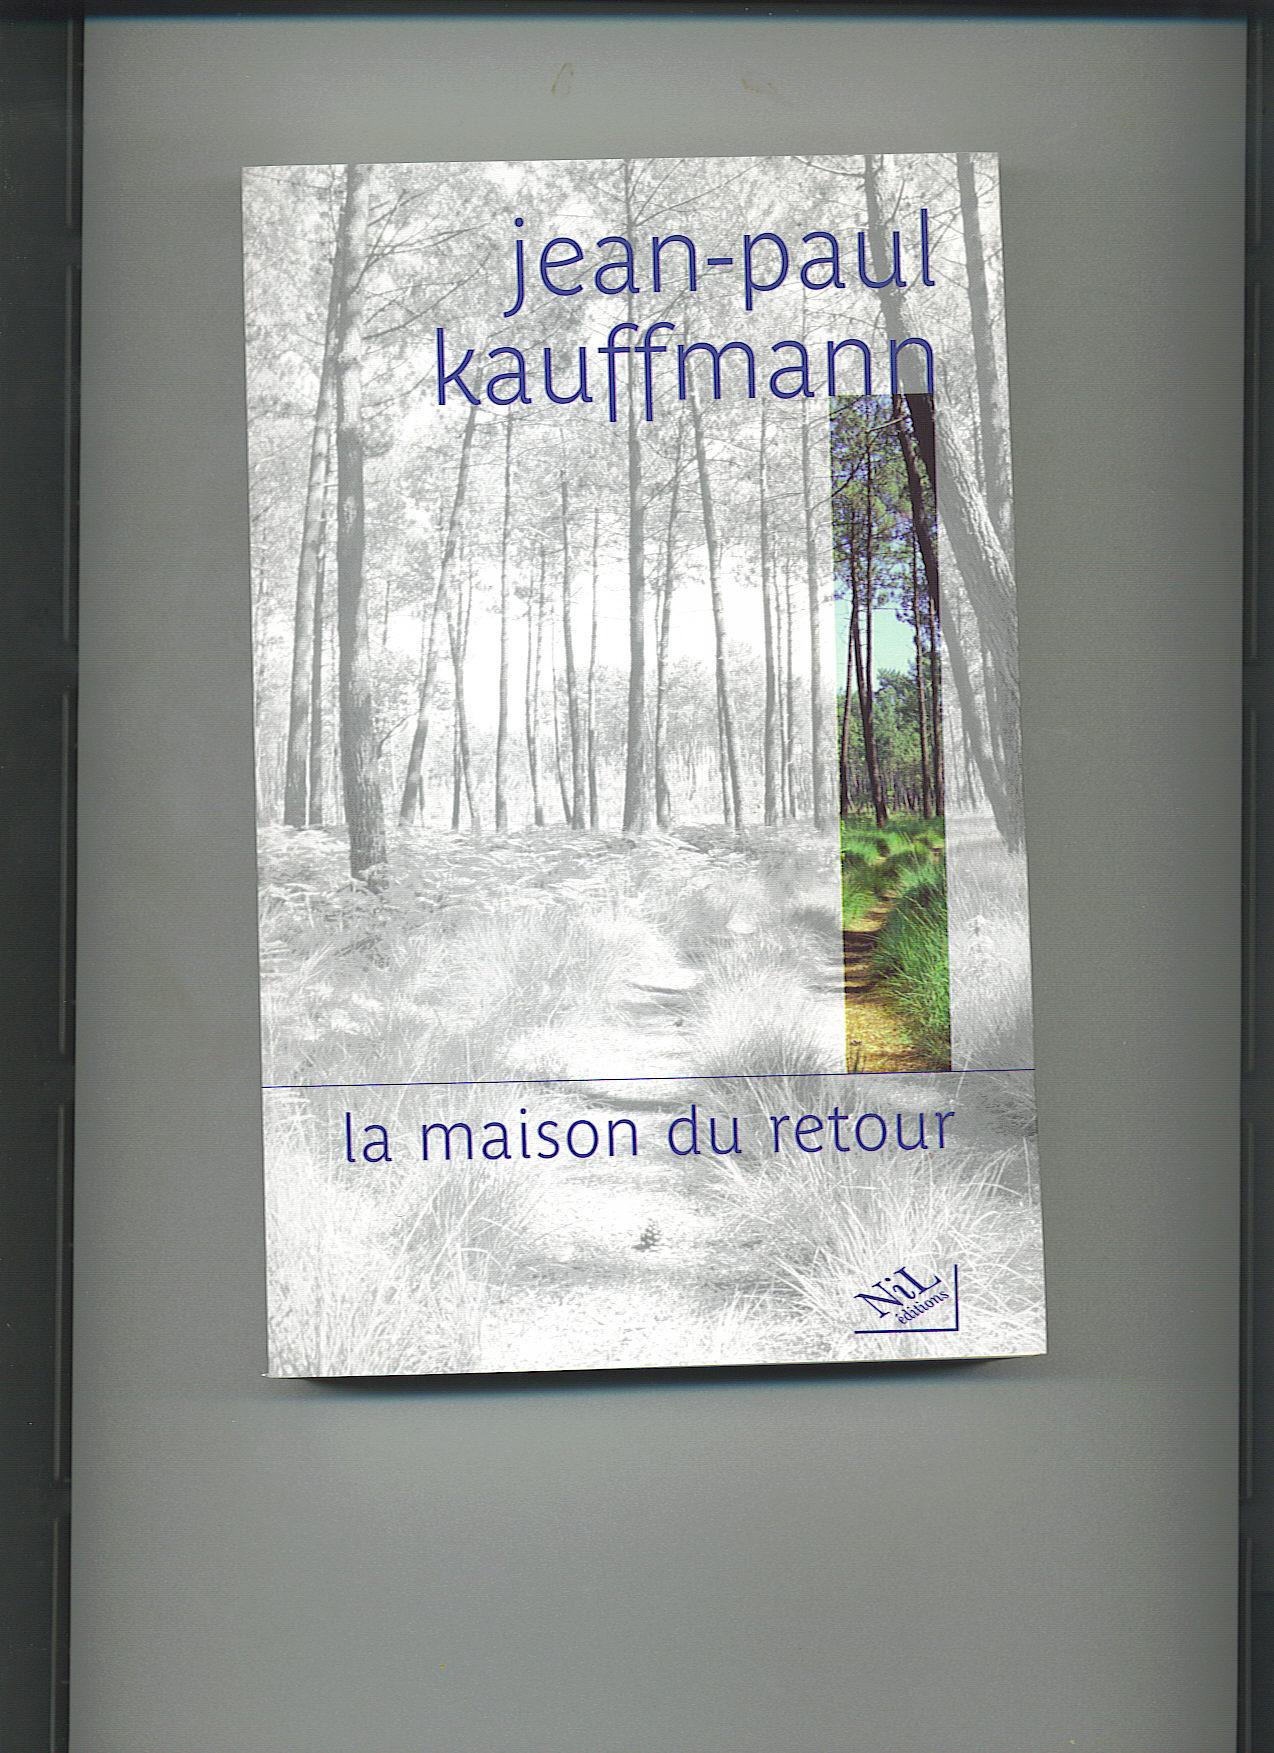 La maison du retour - JP Kauffman